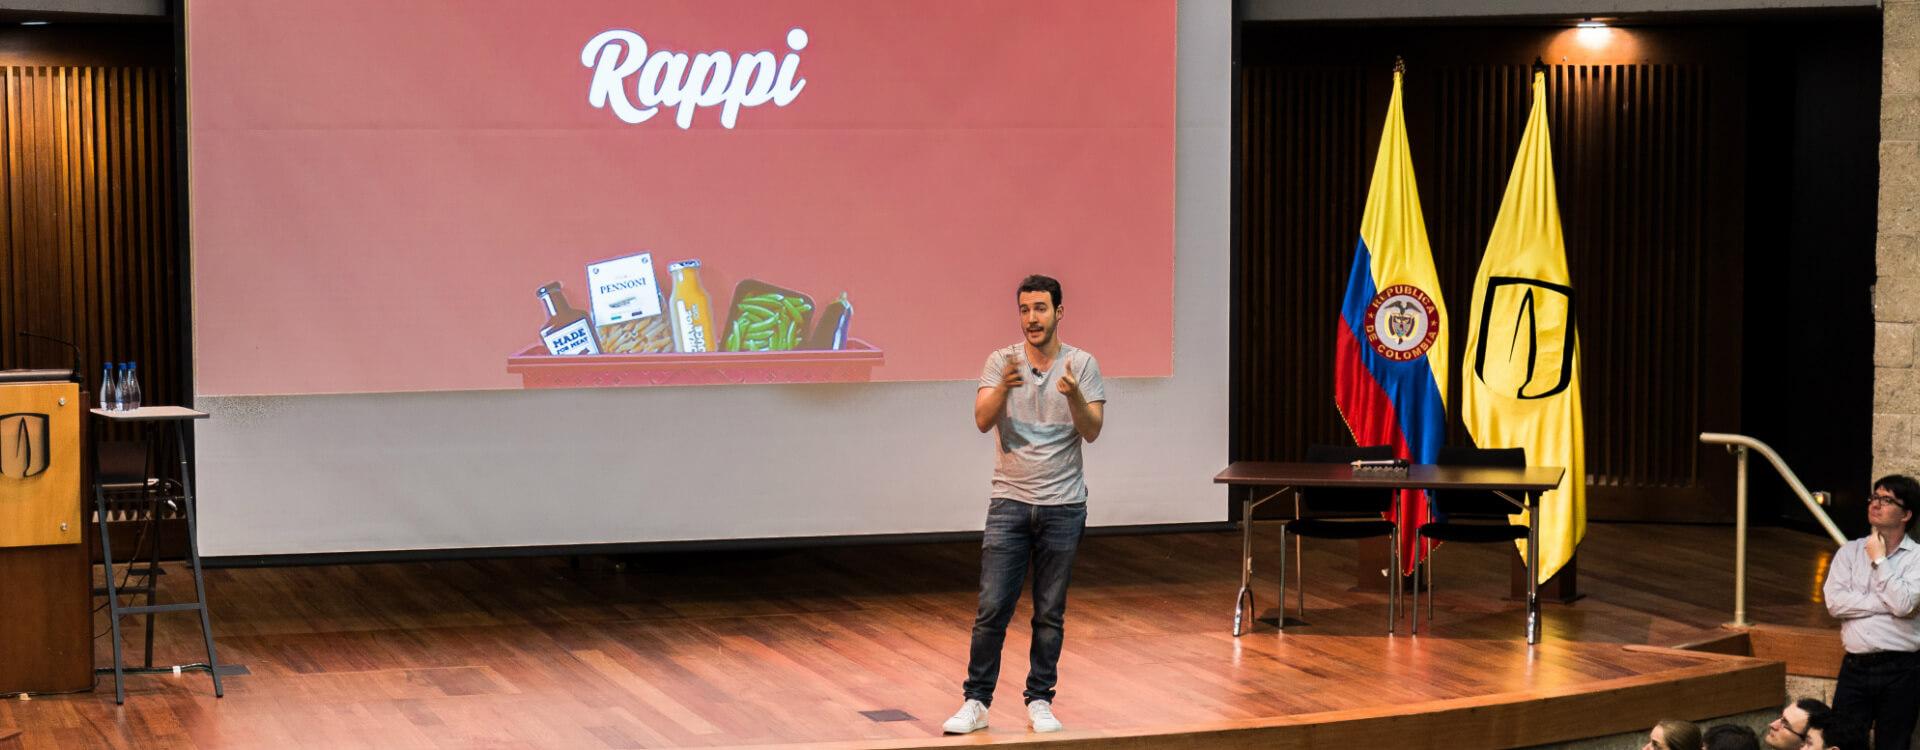 Conferencia de Simón Borrero, Ceo de Rappi, en el auditorio ML de la Universidad de los Andes, en el Día del emprendimiento Uniandino.